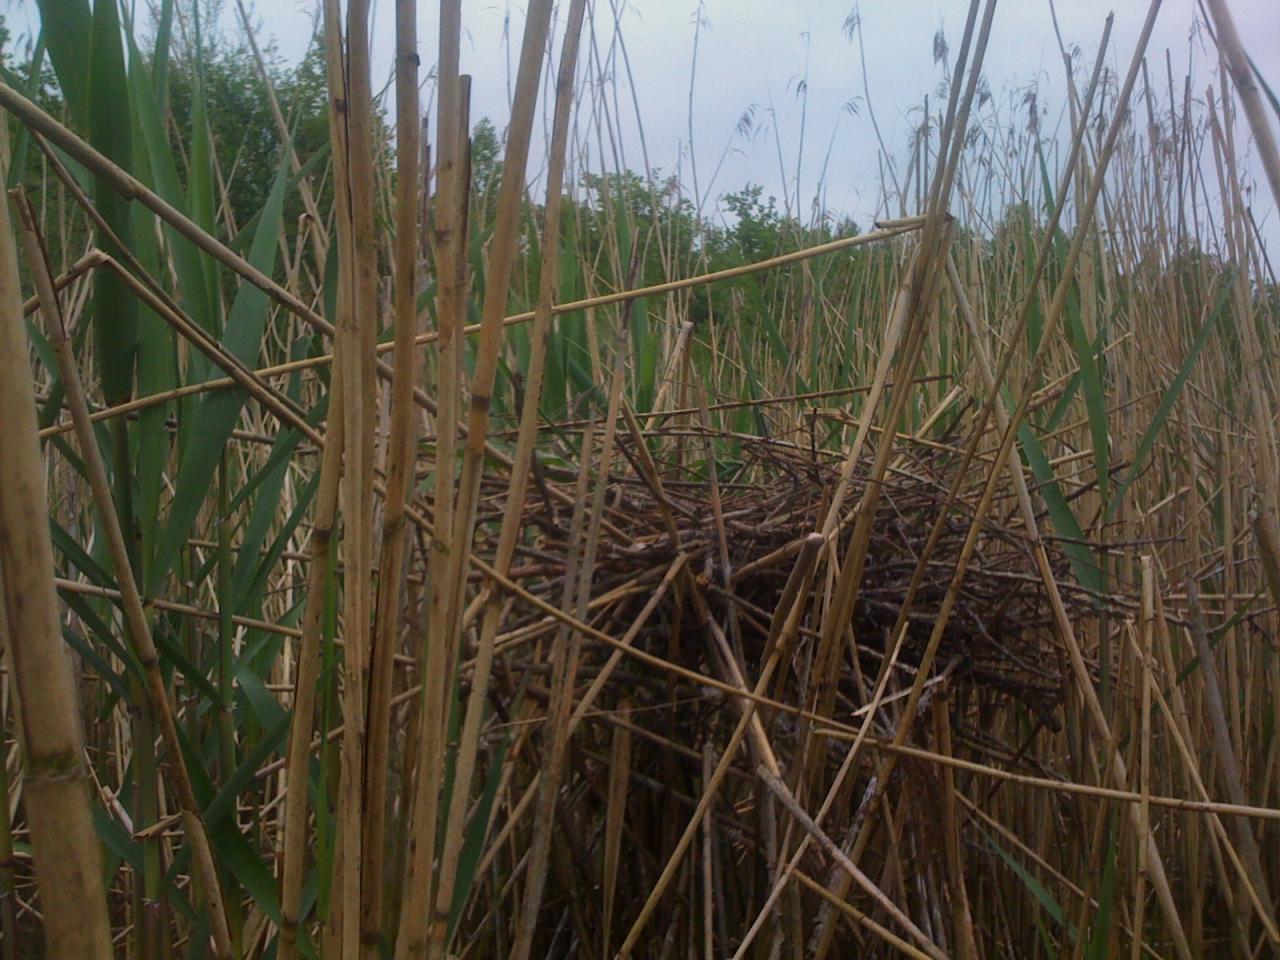 Ce nid de grand diamètre, perché dans les roseaux et celui